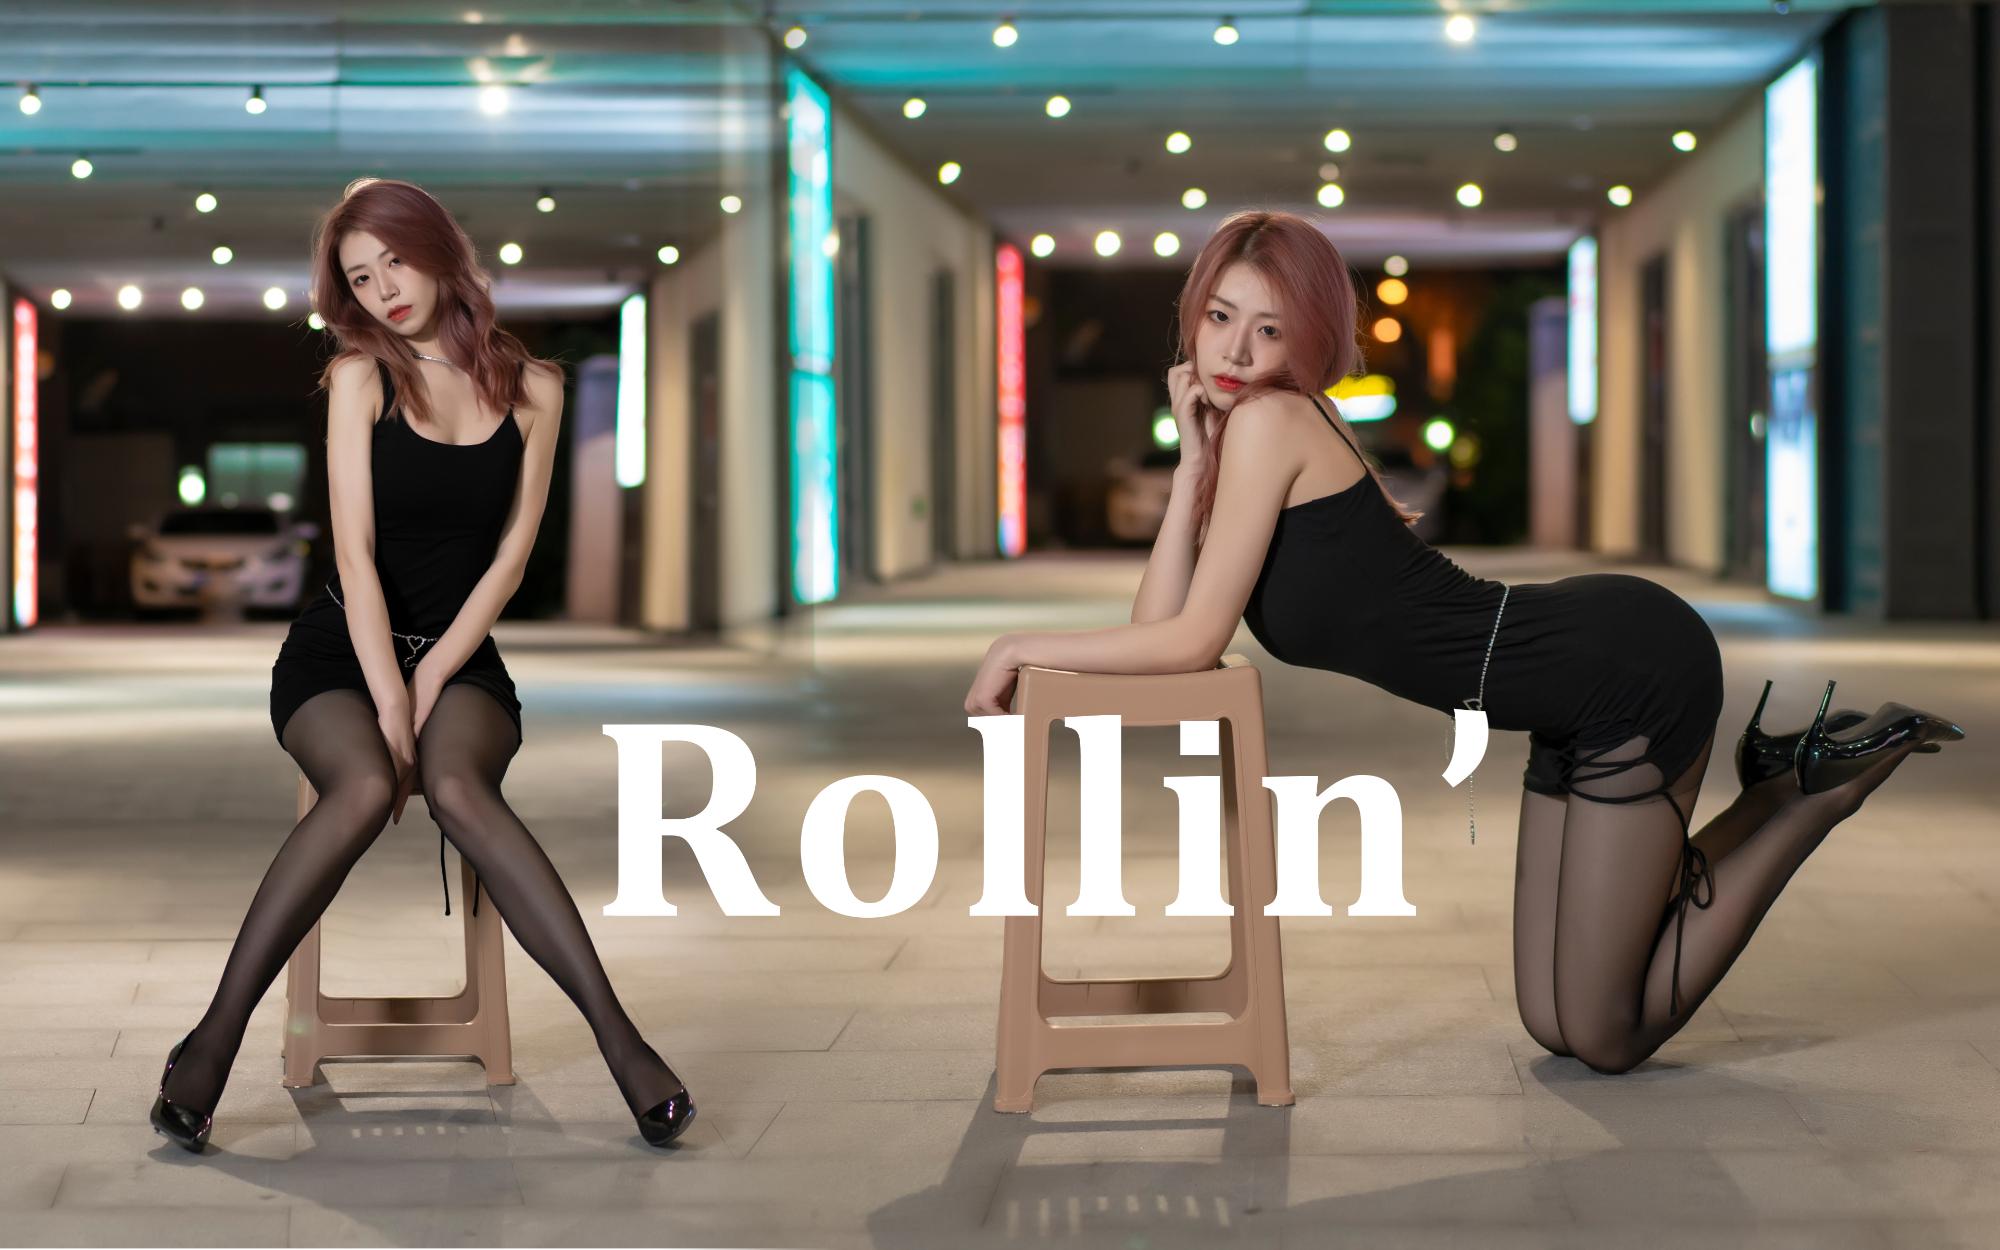 肉0肉0! 极致顺滑的性感~Brave Girls《Rollin 》椅子舞